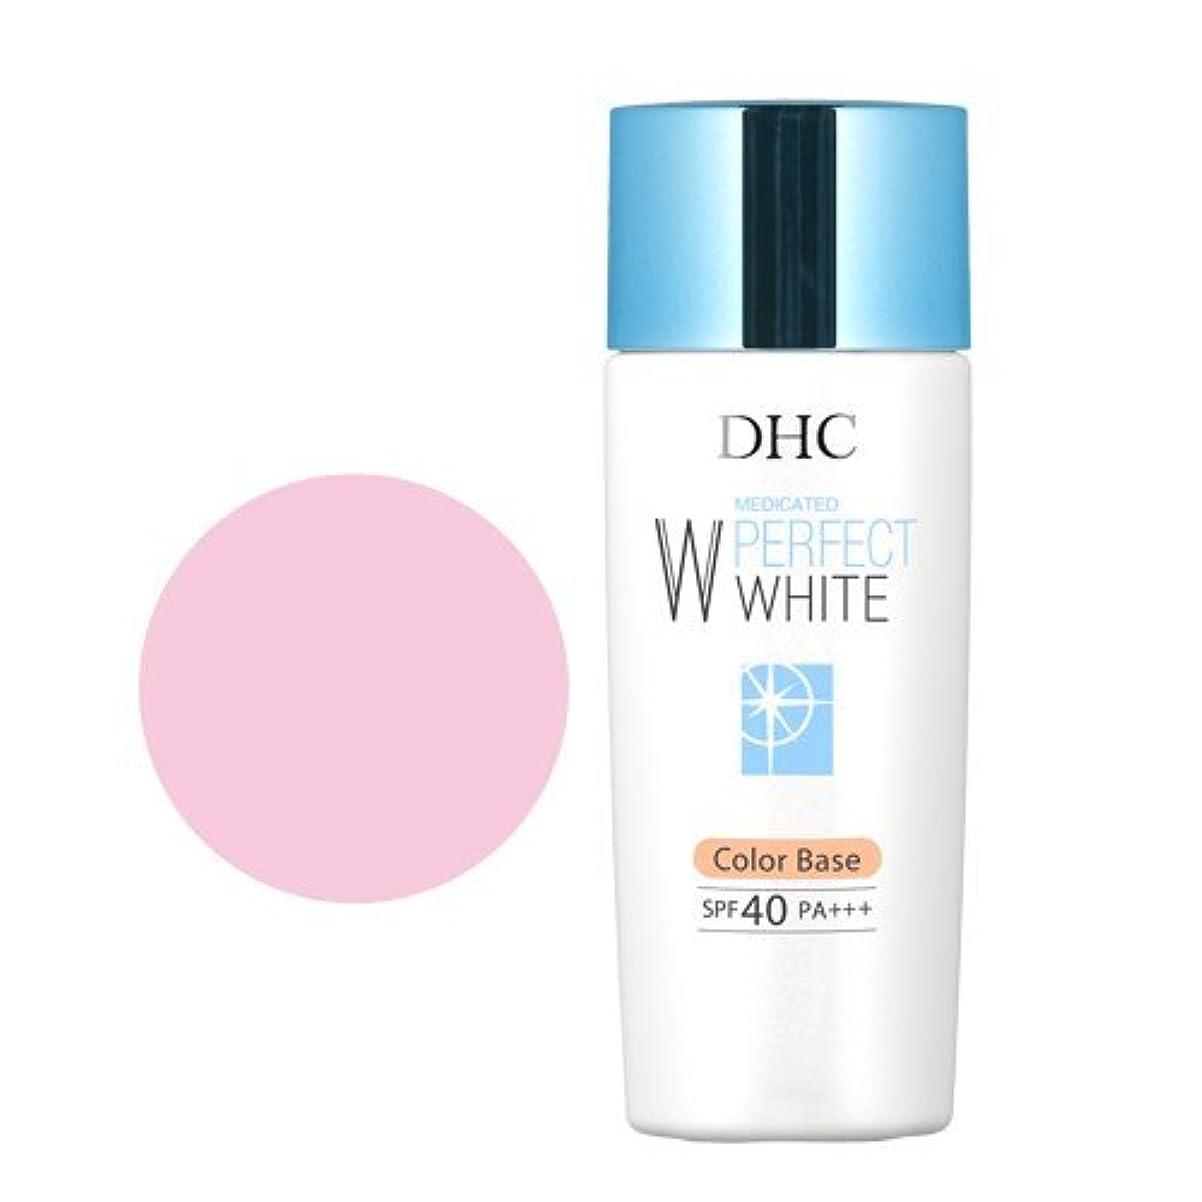 合金削減ぺディカブ【医薬部外品】DHC薬用PW カラーベース【SPF40?PA+++】(ピンク)